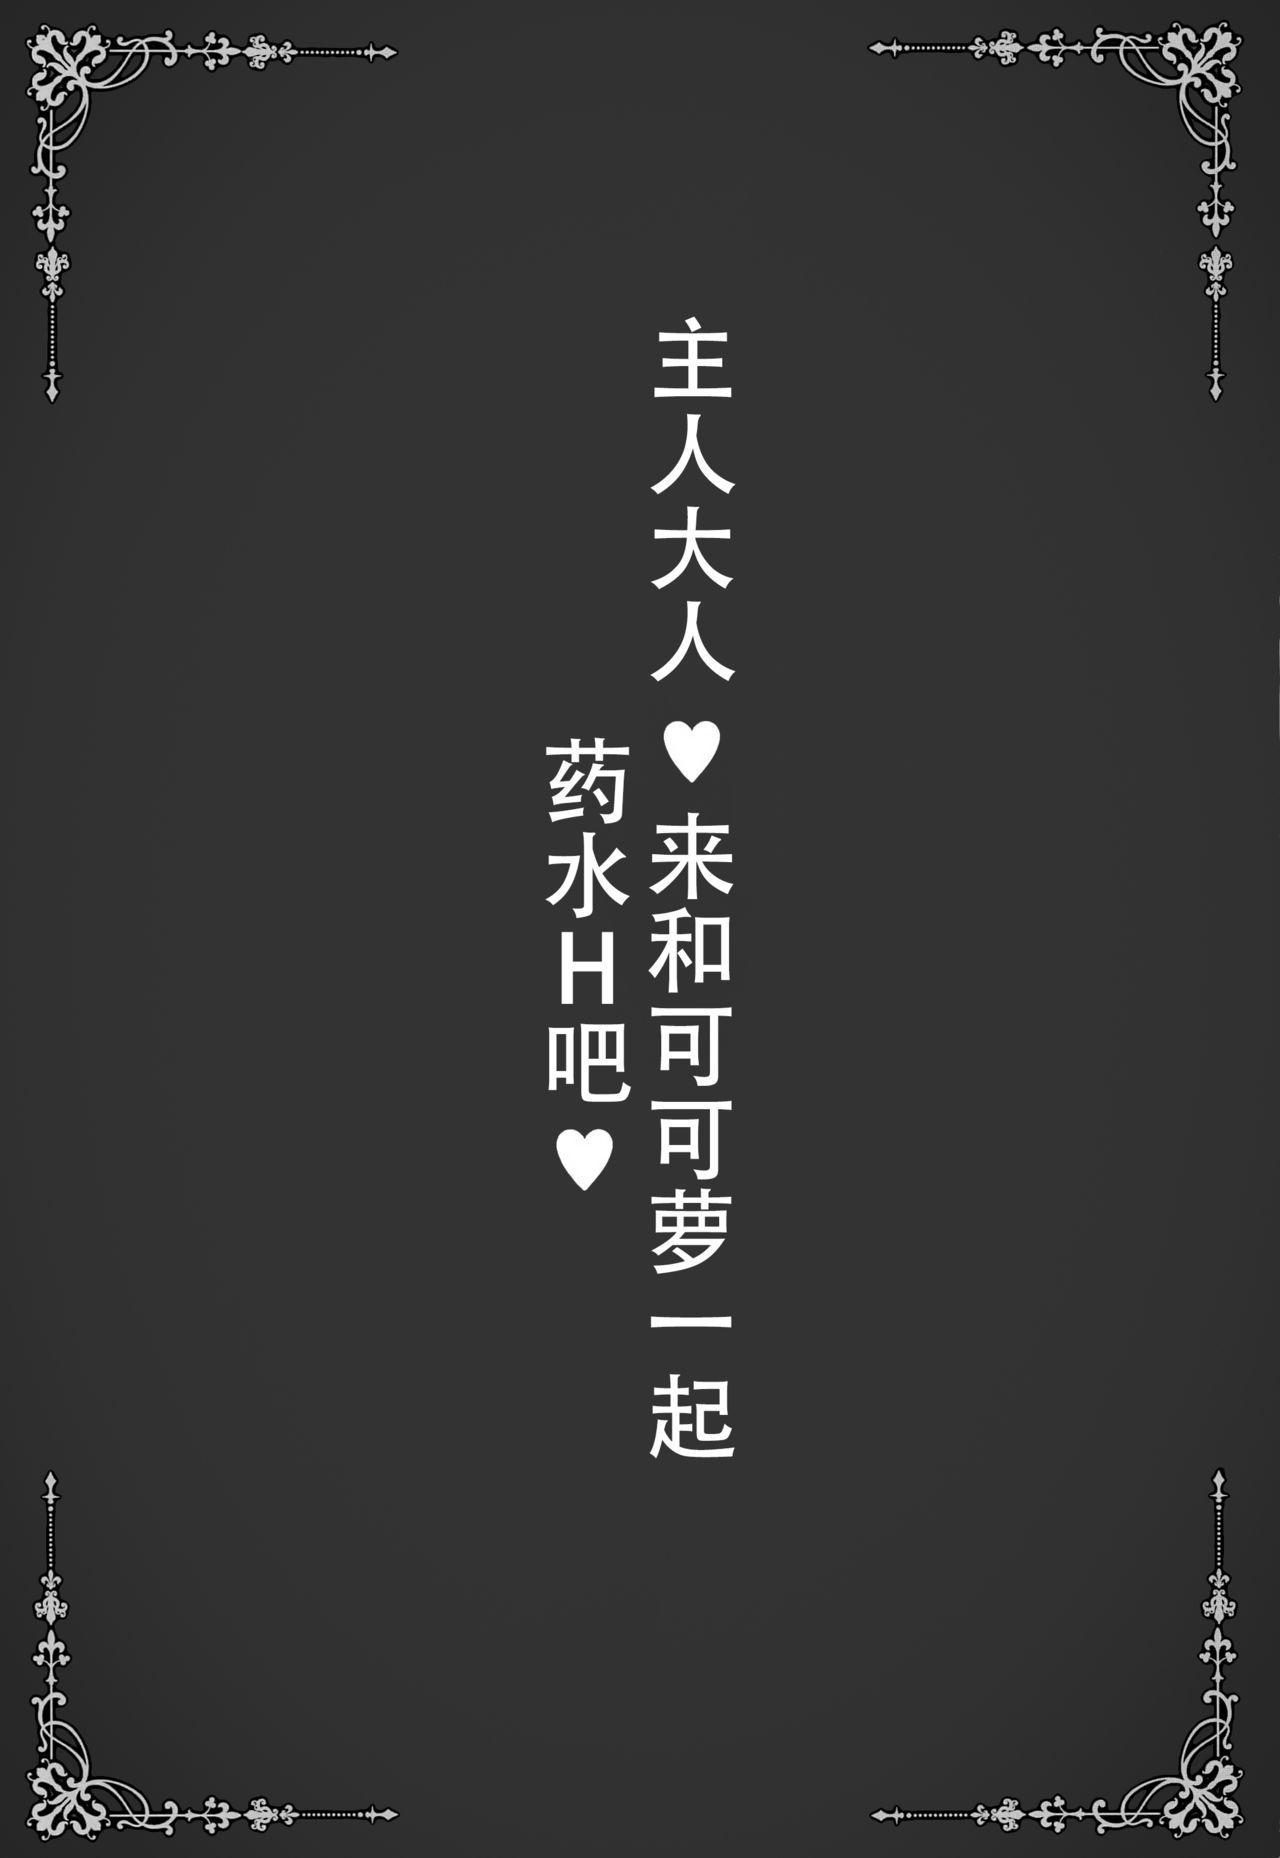 Aruji-sama Kokkoro to Okusuri Ecchi Shimashou 1